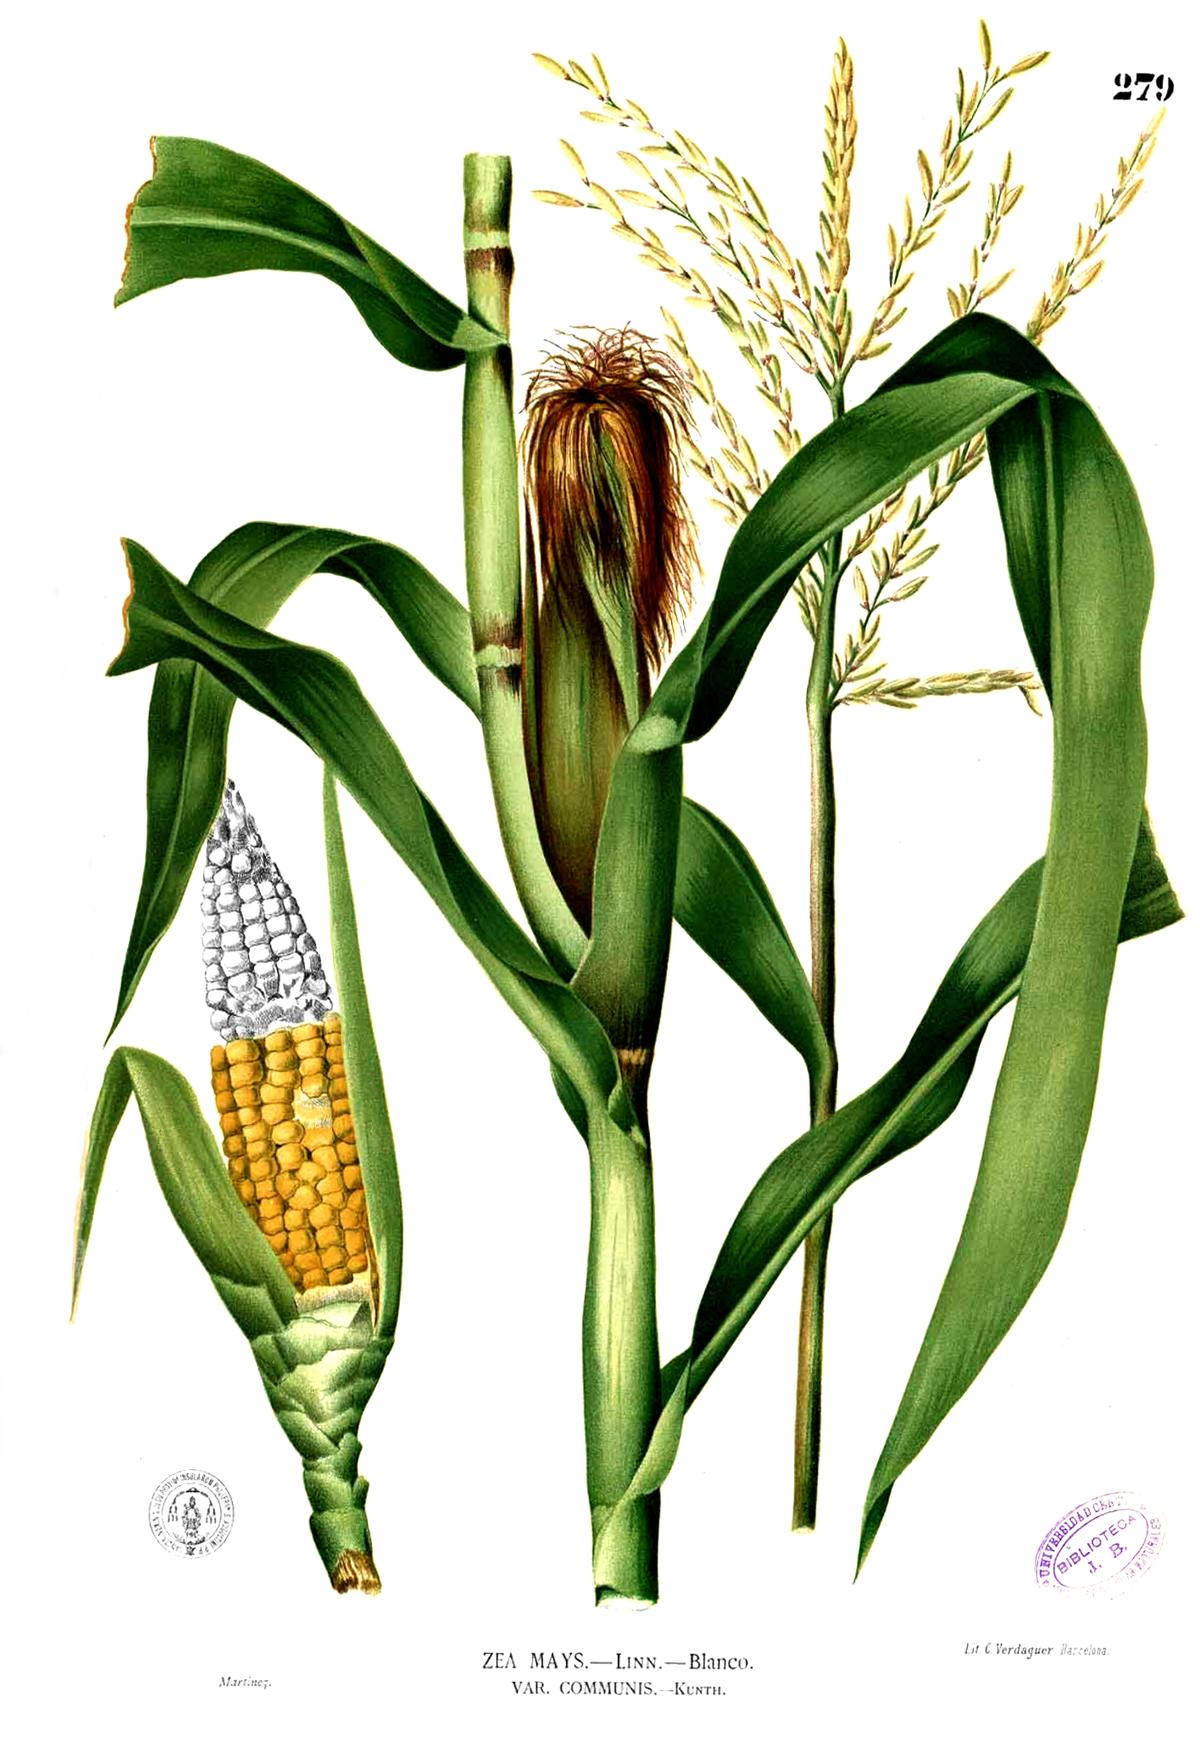 zea mays wikipedia  la enciclopedia libre cornstalk clipart 8 corn stalk clipart free 1200 x 1200